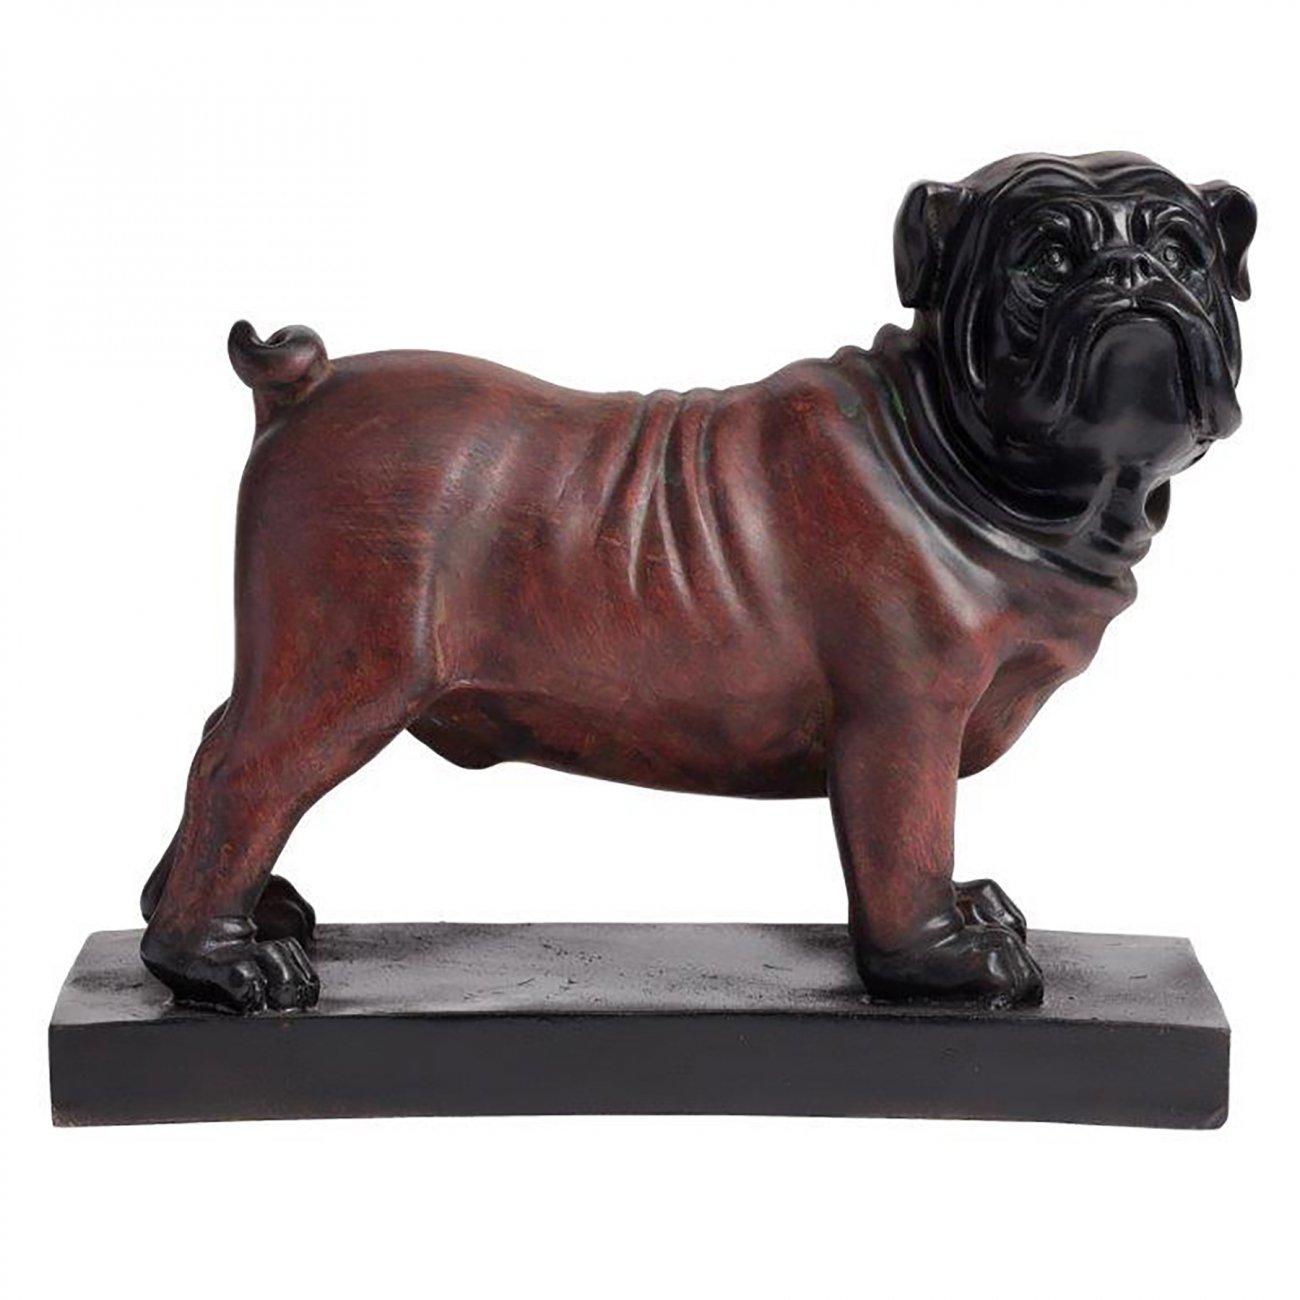 Купить Предмет декора статуэтка собака Bulldog в интернет магазине дизайнерской мебели и аксессуаров для дома и дачи